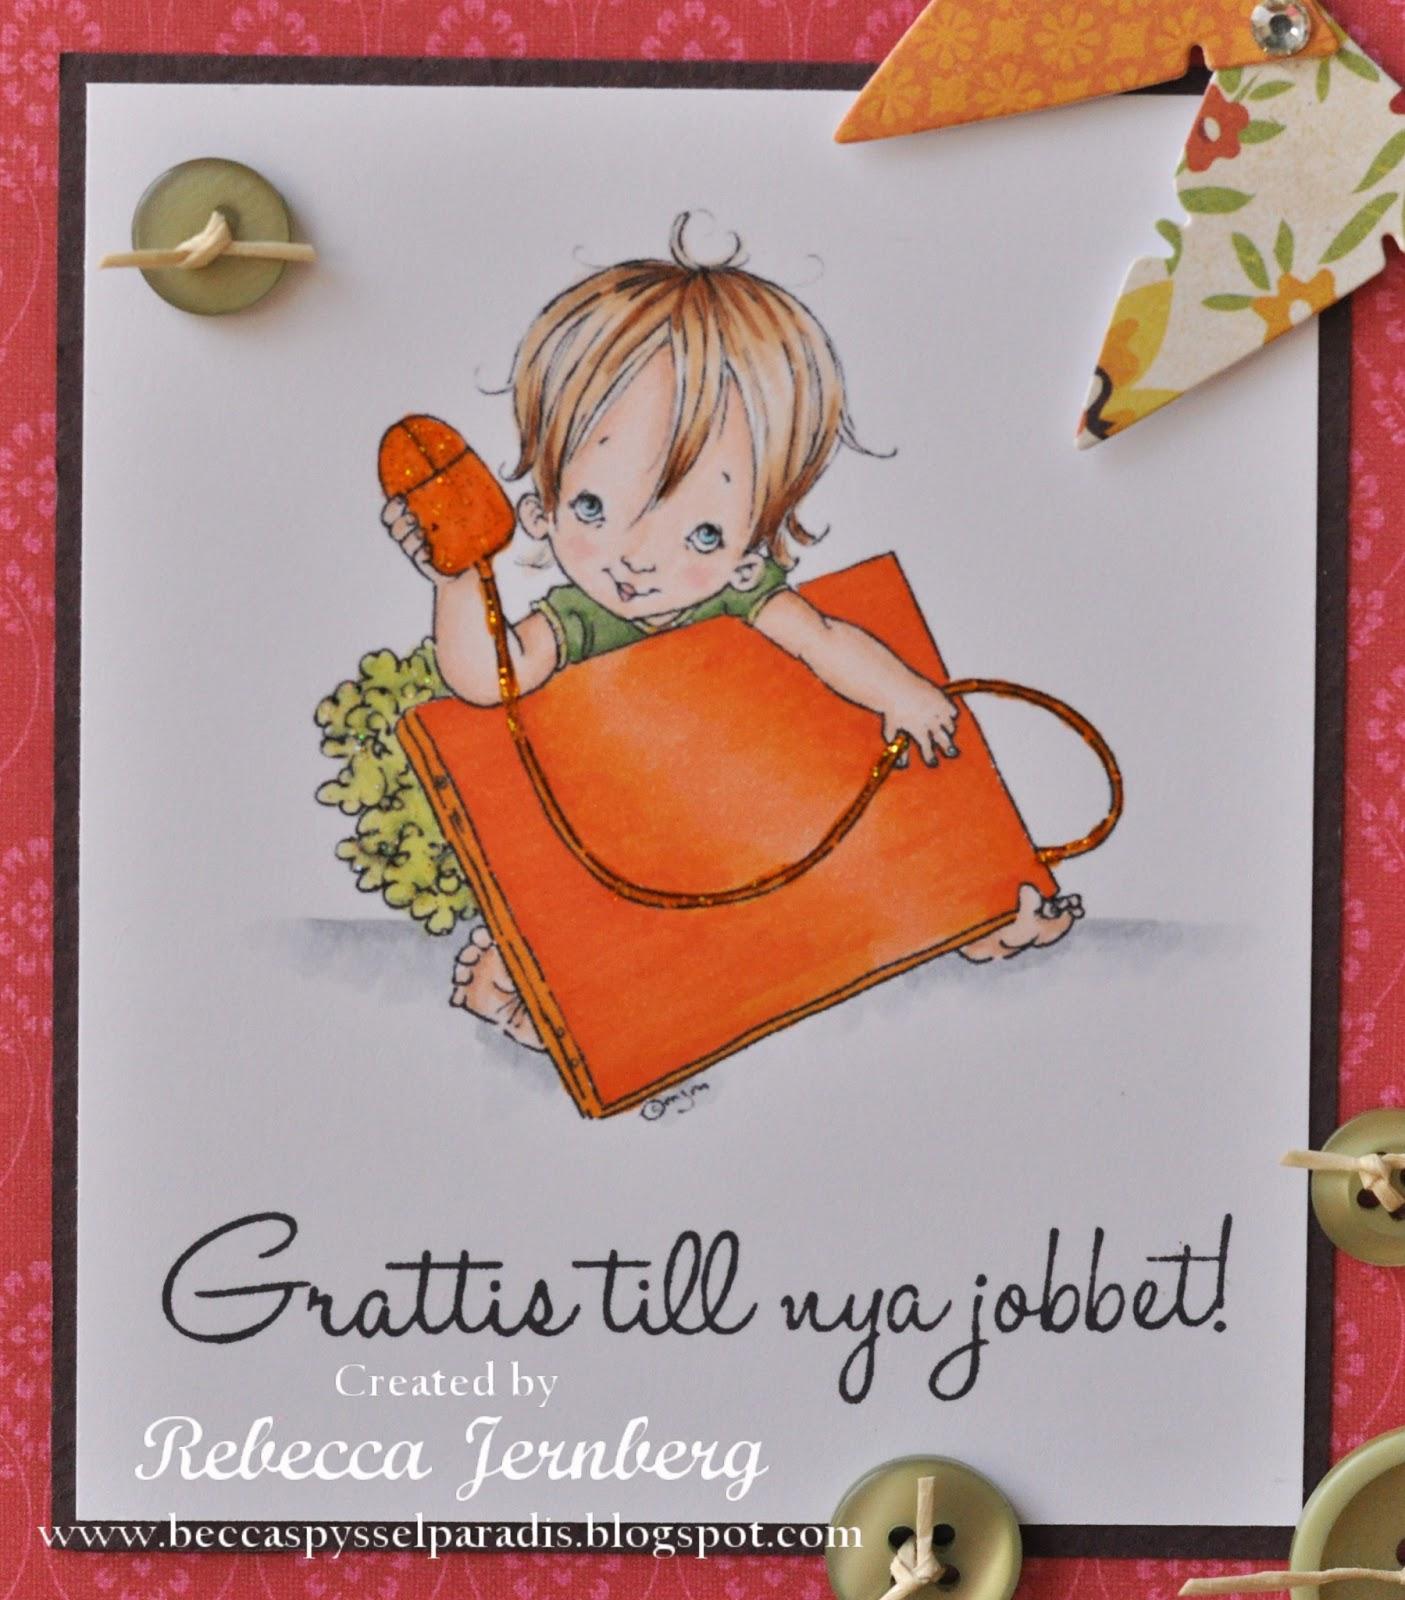 grattis till nya jobbet vykort Beccas Pysselparadis: Grattis till nya jobbet! grattis till nya jobbet vykort